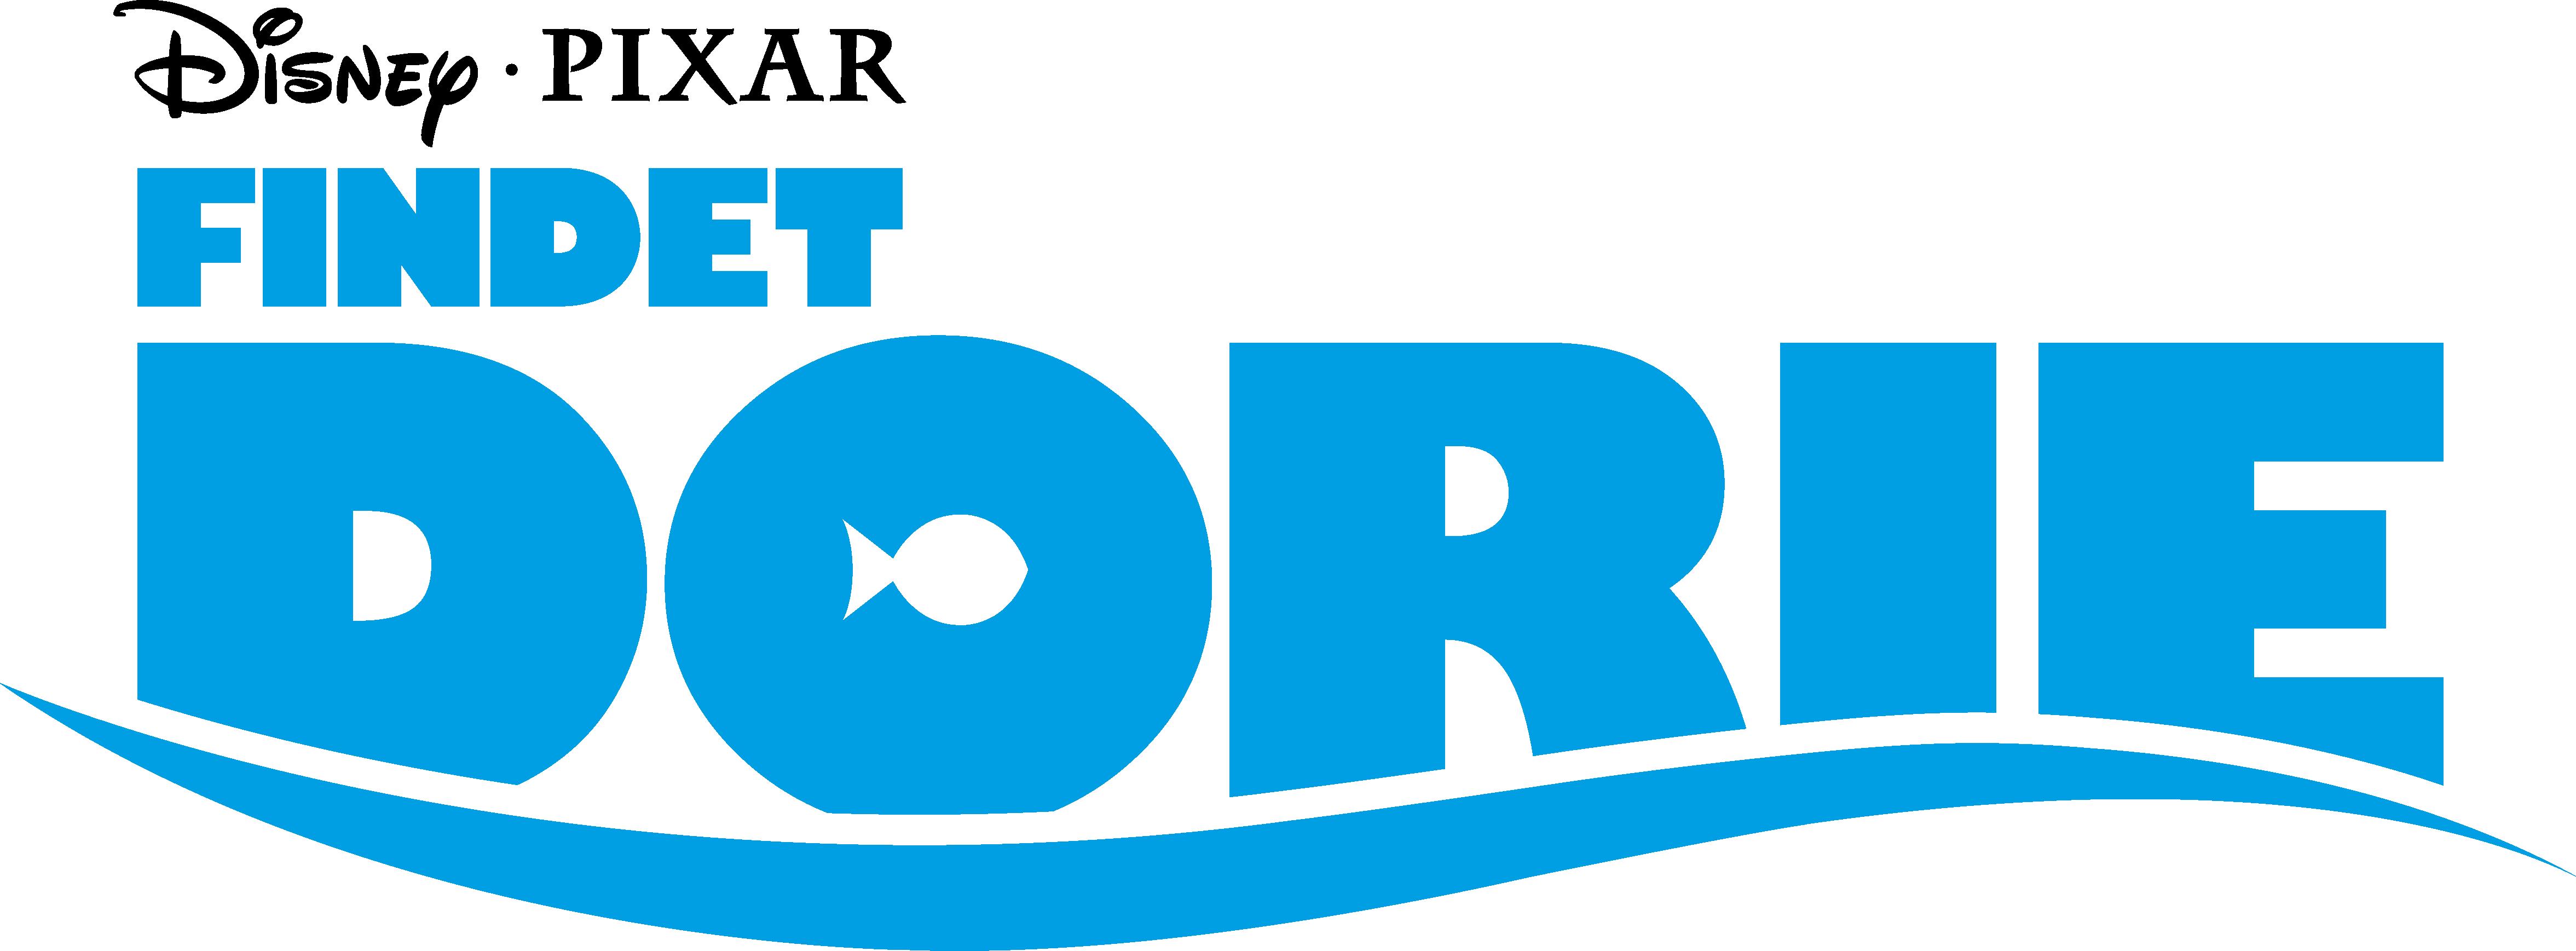 DORY_GER_TT_C_V02F(1)